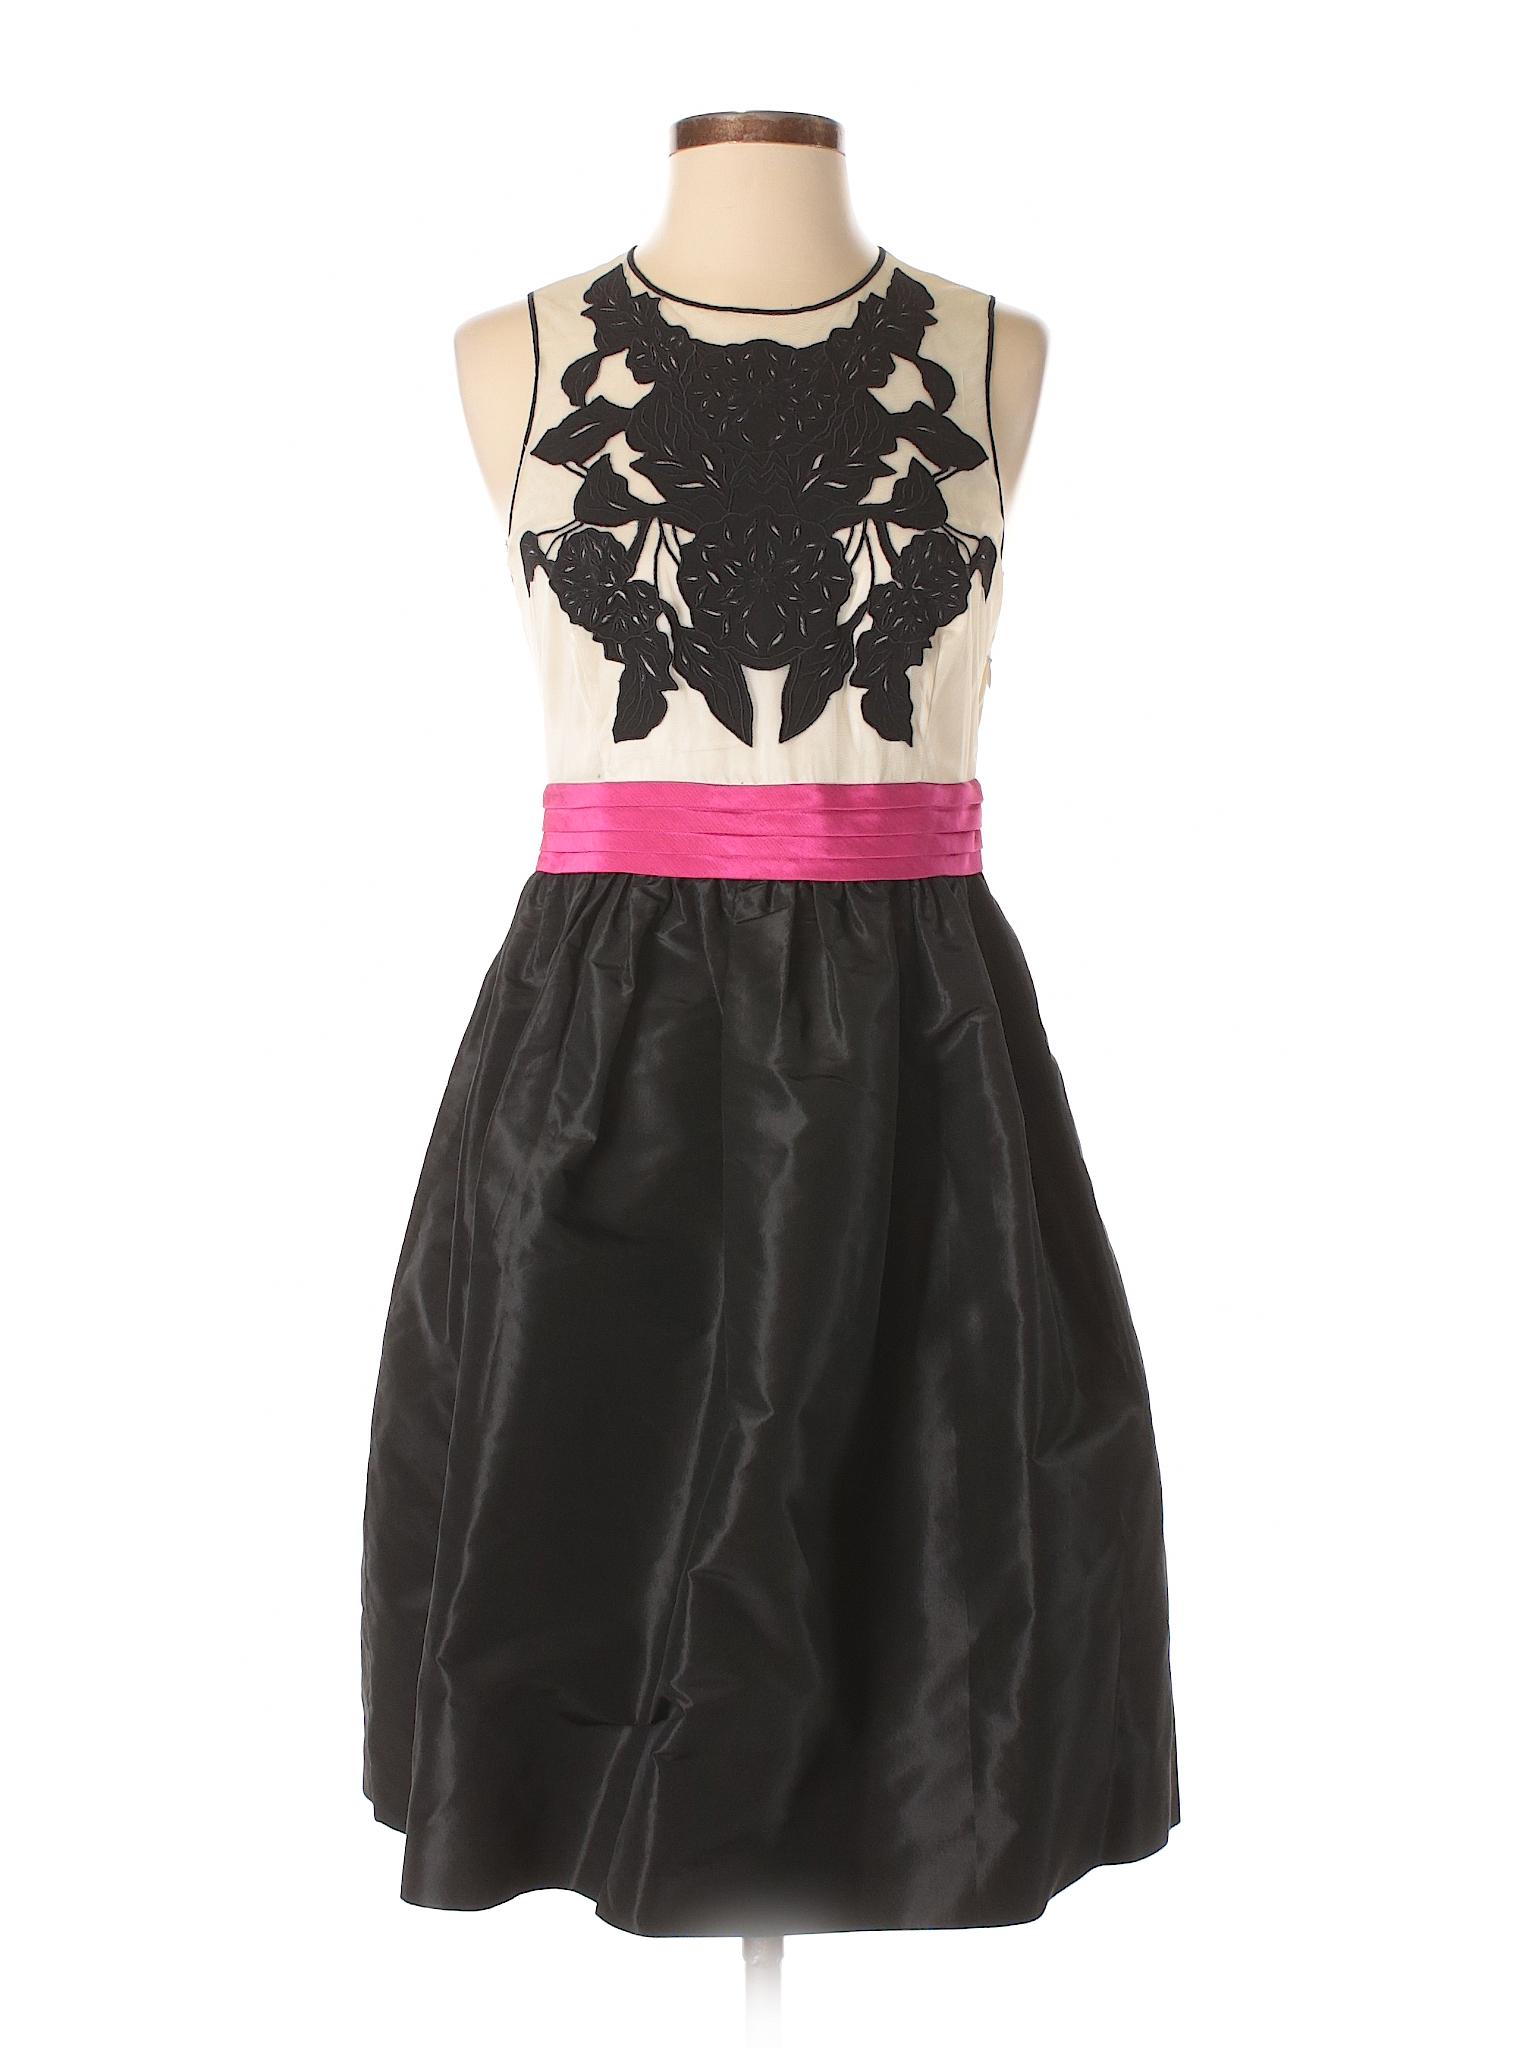 Boutique Dress Vivienne Casual winter Tam wBxP0RqTB